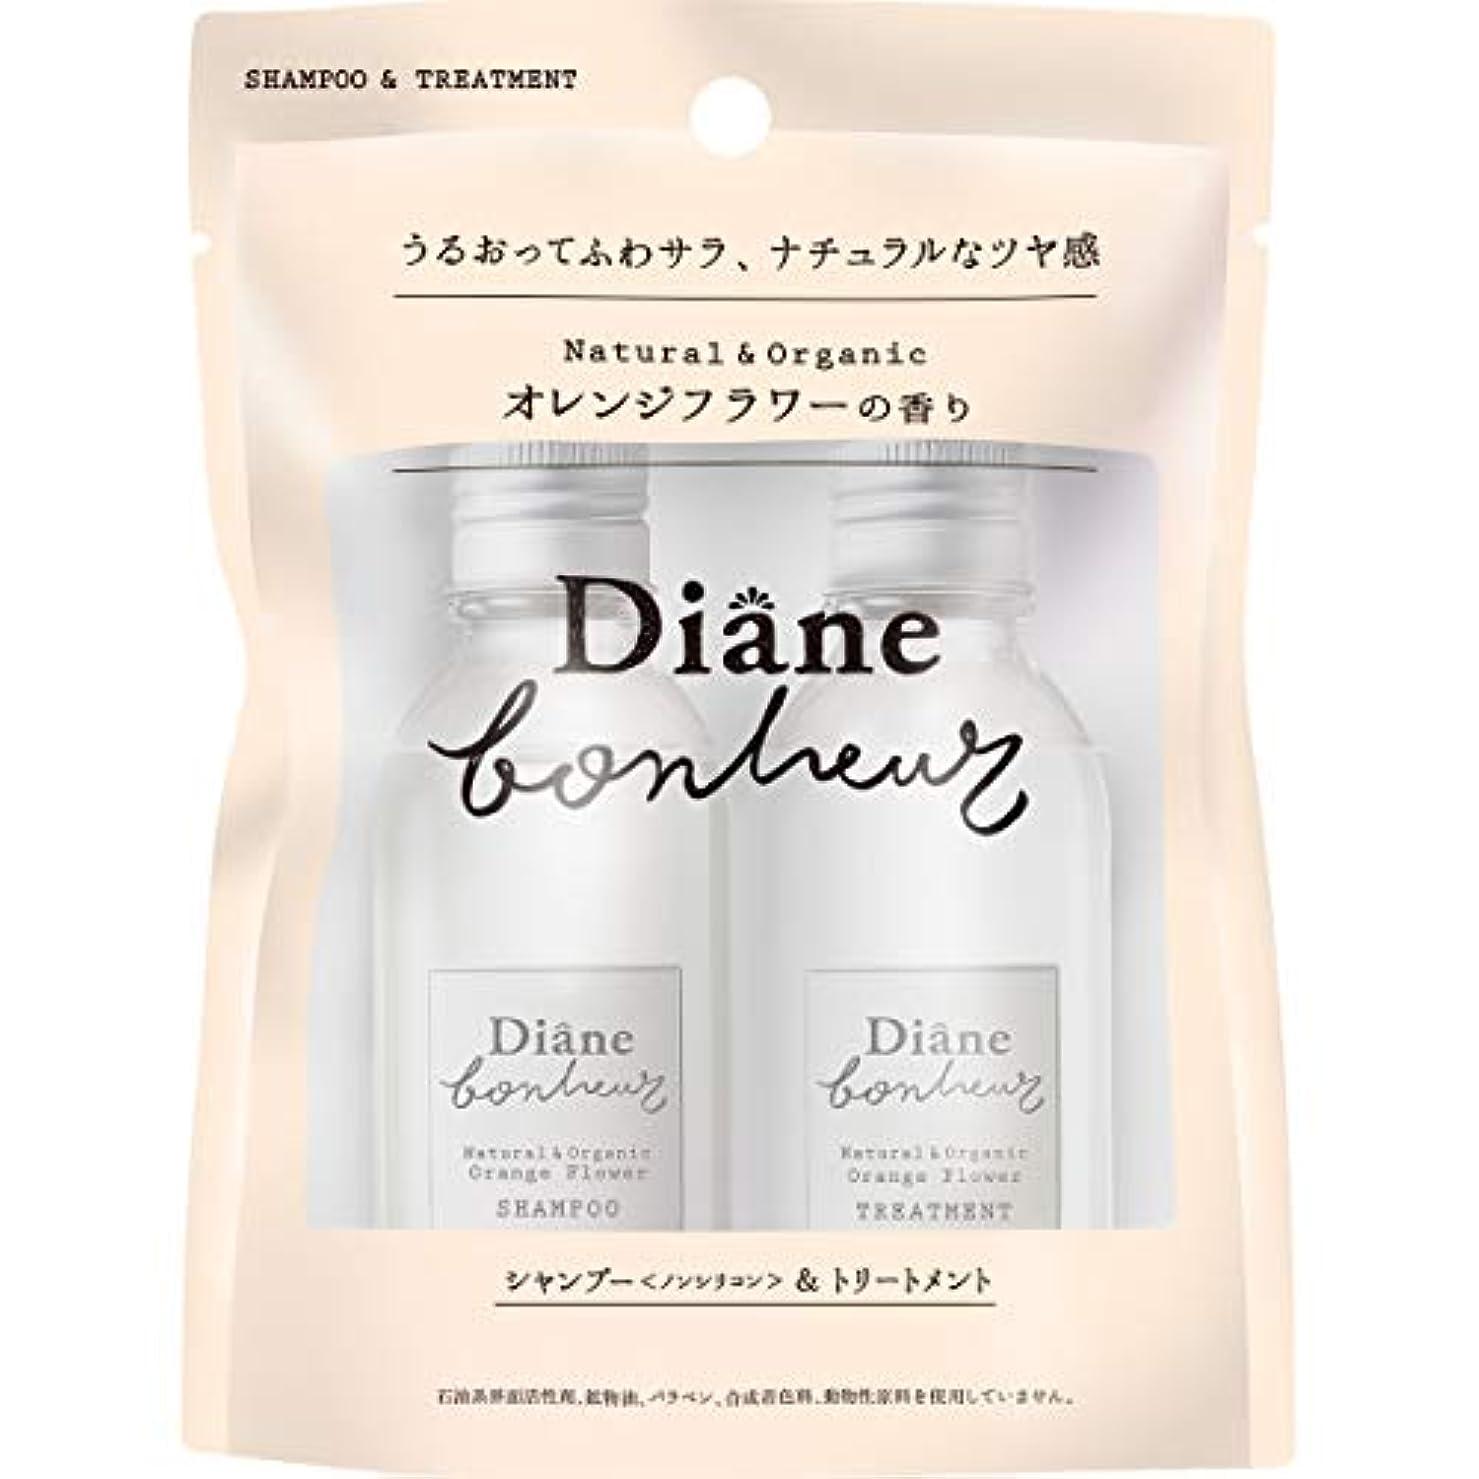 ダイアン ボヌール オレンジフラワーの香り モイストリラックス  シャンプー&トリートメント トライアル 40ml×2